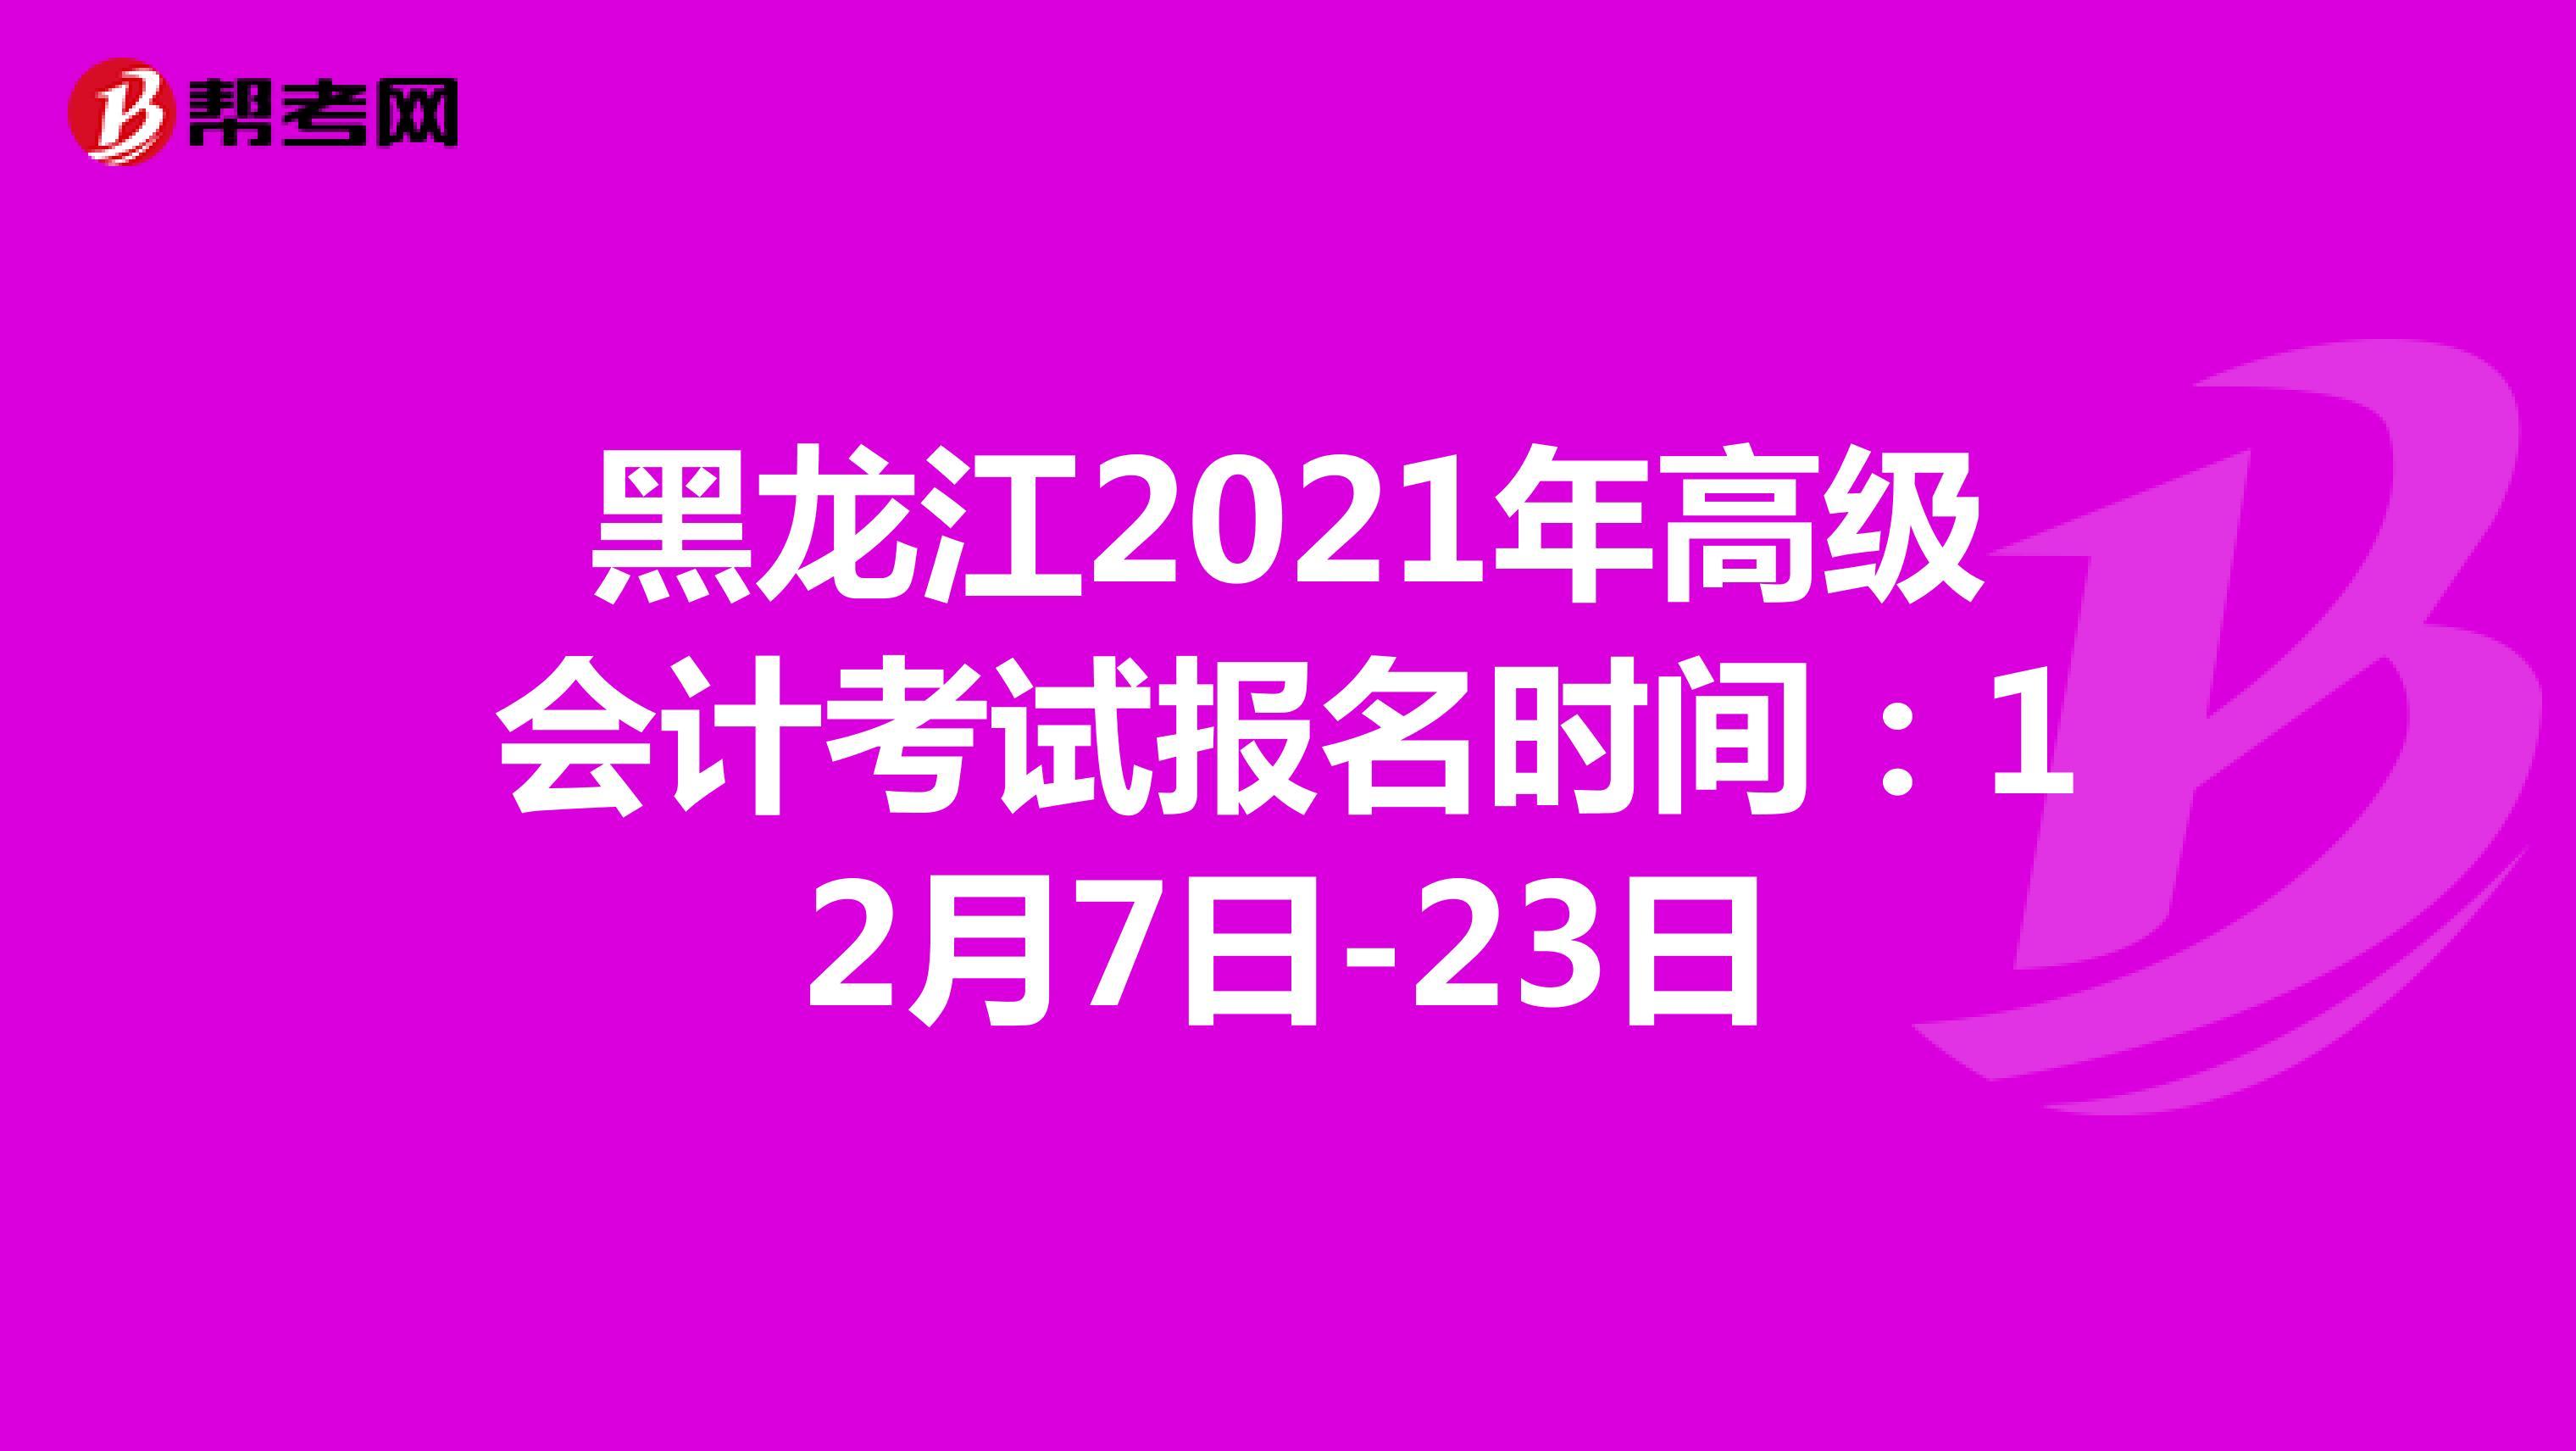 黑龍江2021年高級會計考試報名時間:12月7日-23日